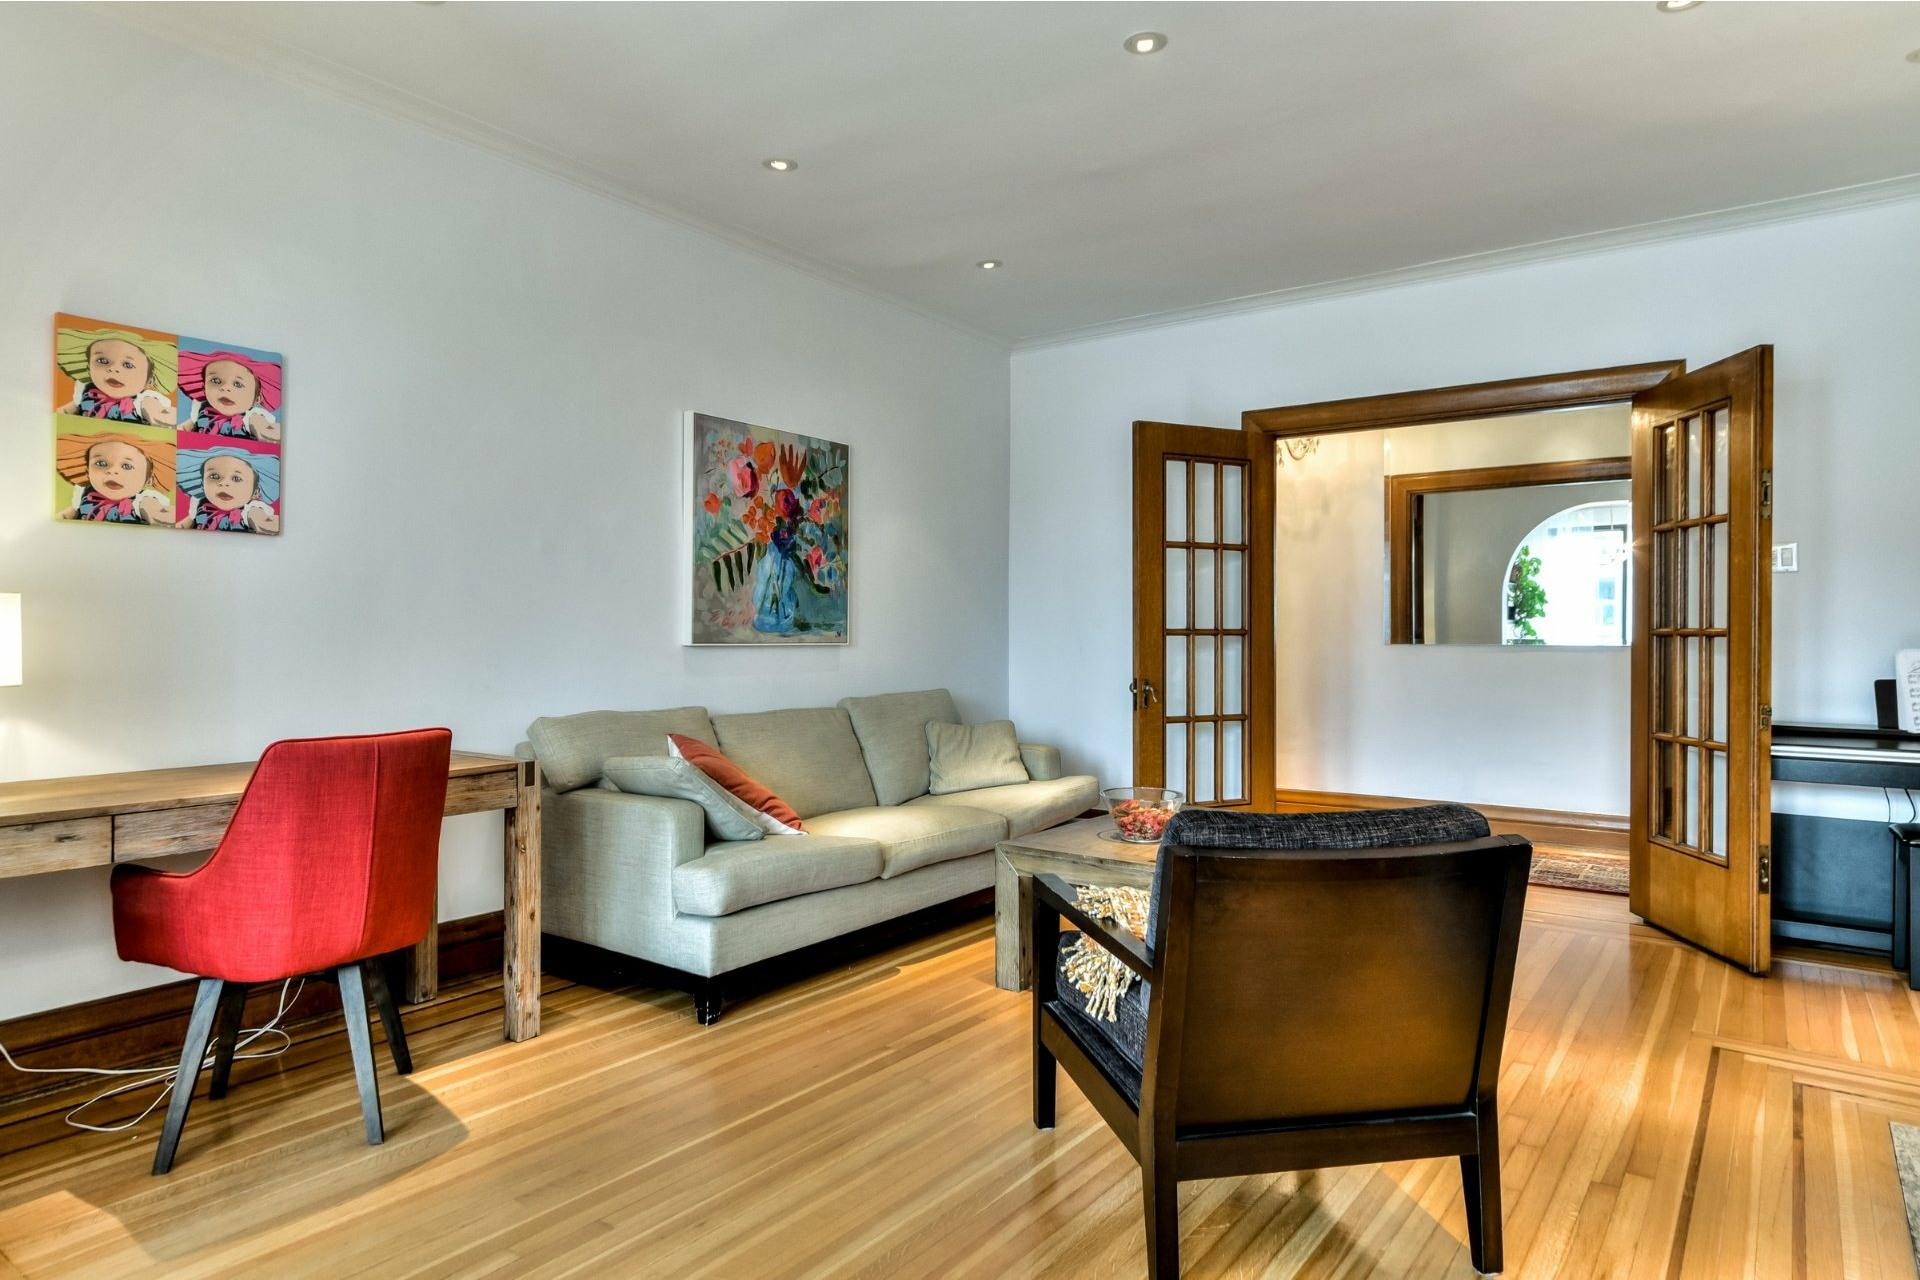 image 2 - Appartement À vendre Outremont Montréal  - 7 pièces